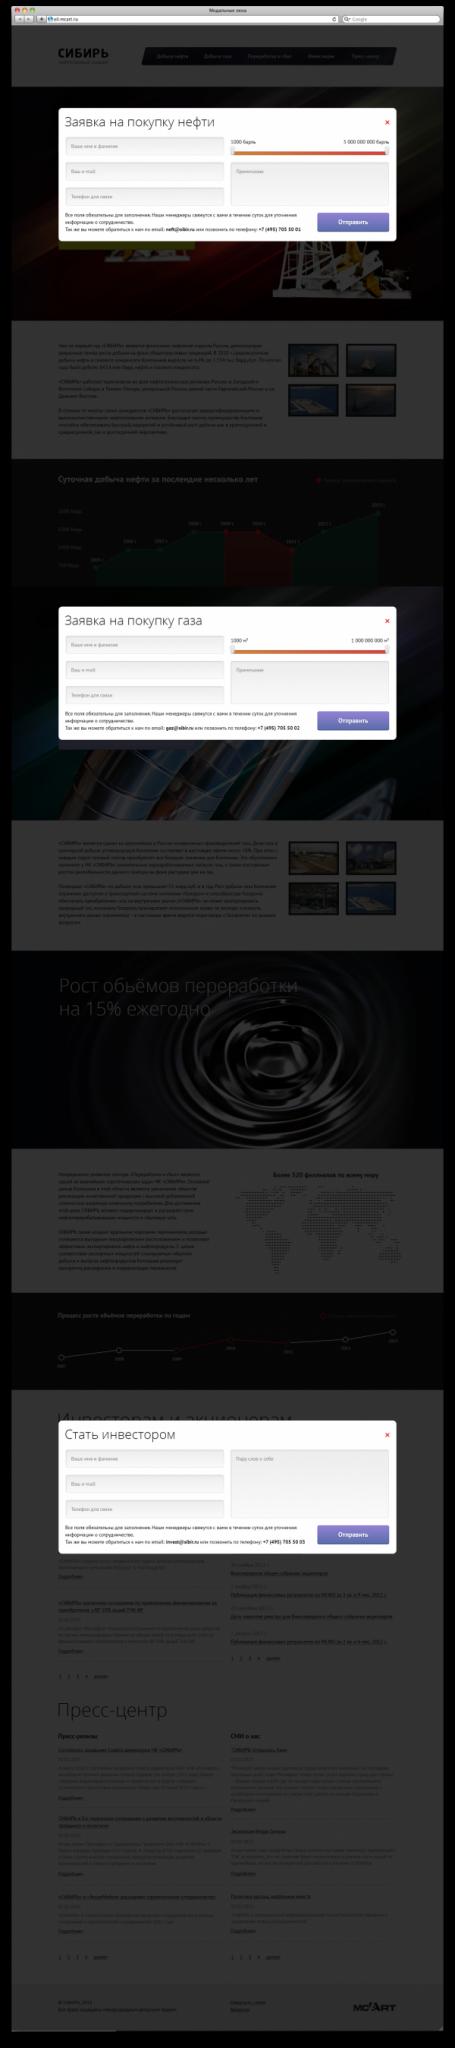 Модальные окна и формы заказов типового сайта нефтегазовой компании